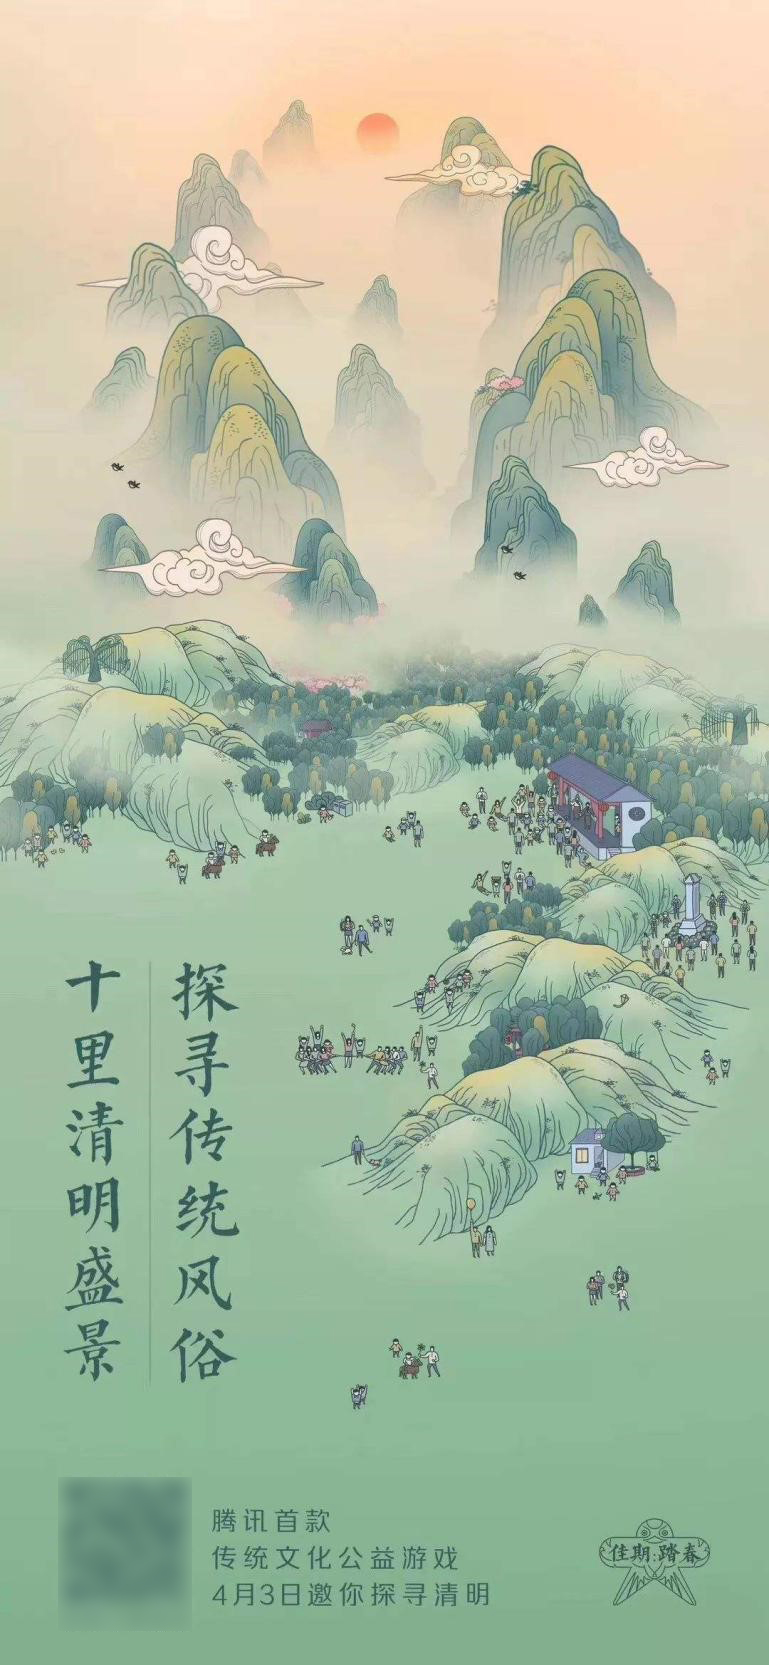 全新方式演绎中华文化之美 拼图解谜手游《佳期-月圆》9月10日上线